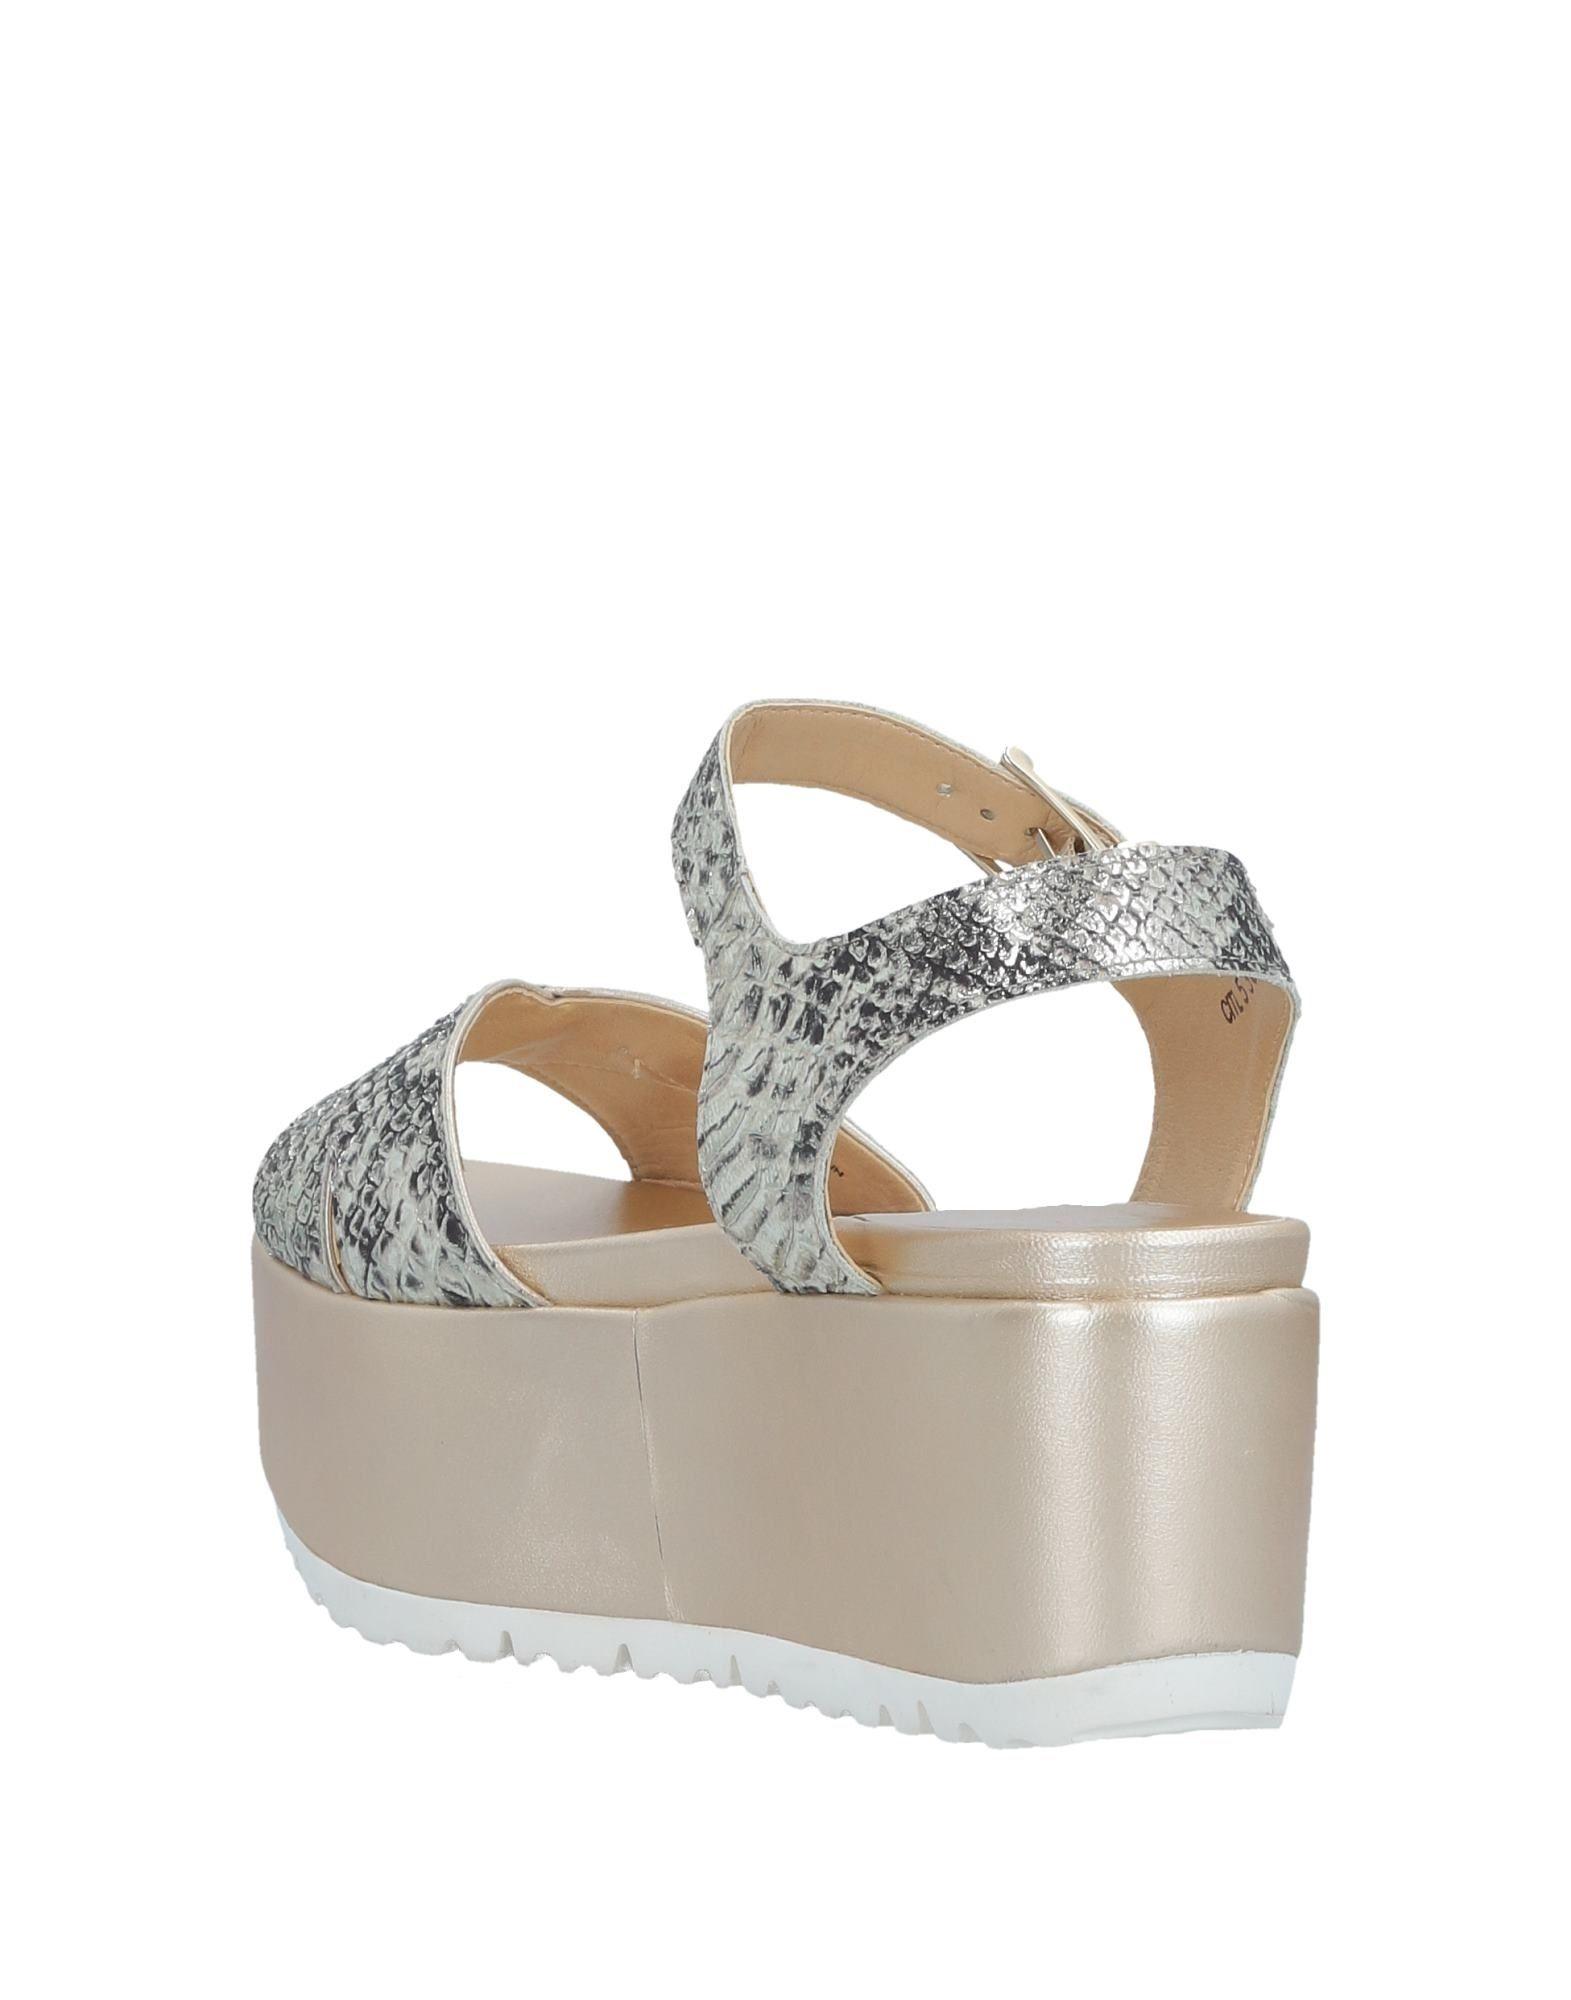 Rabatt Schuhe Stuart Weitzman Sandalen Damen  11527658VM